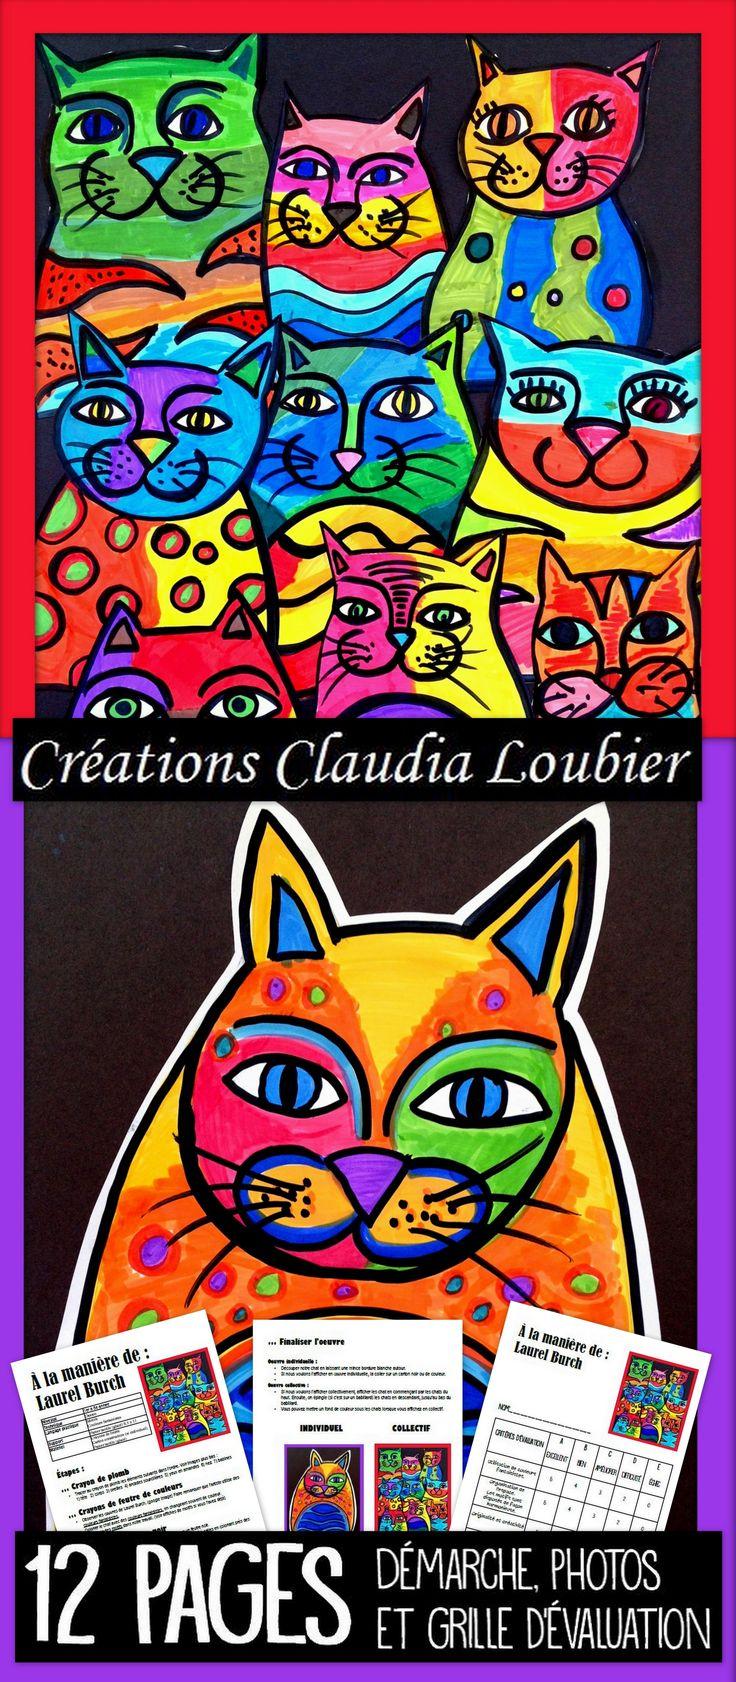 Voici un projet qui convient autant pour les 1er année que pour le 6e. Créer un chat, à la manière de Laurel Burch. Utiliser des couleurs fantaisite. Tout se fait aux feutres de couleurs. Le document vous montre comment en faire une oeuvre individuelle ou collective. Grille d'évaluation incluse.